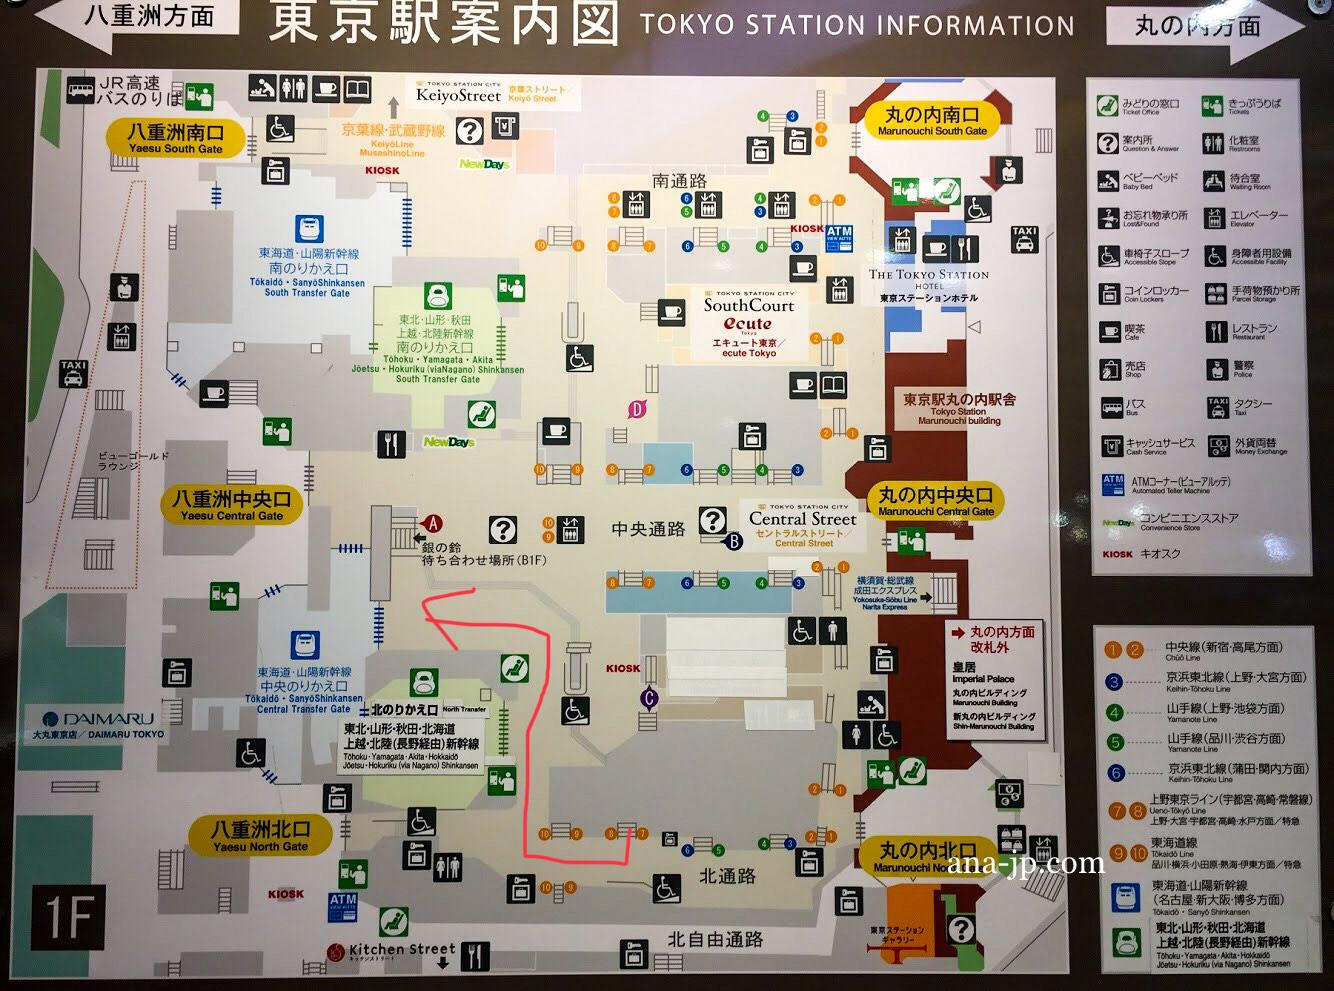 図 構内 東京 駅